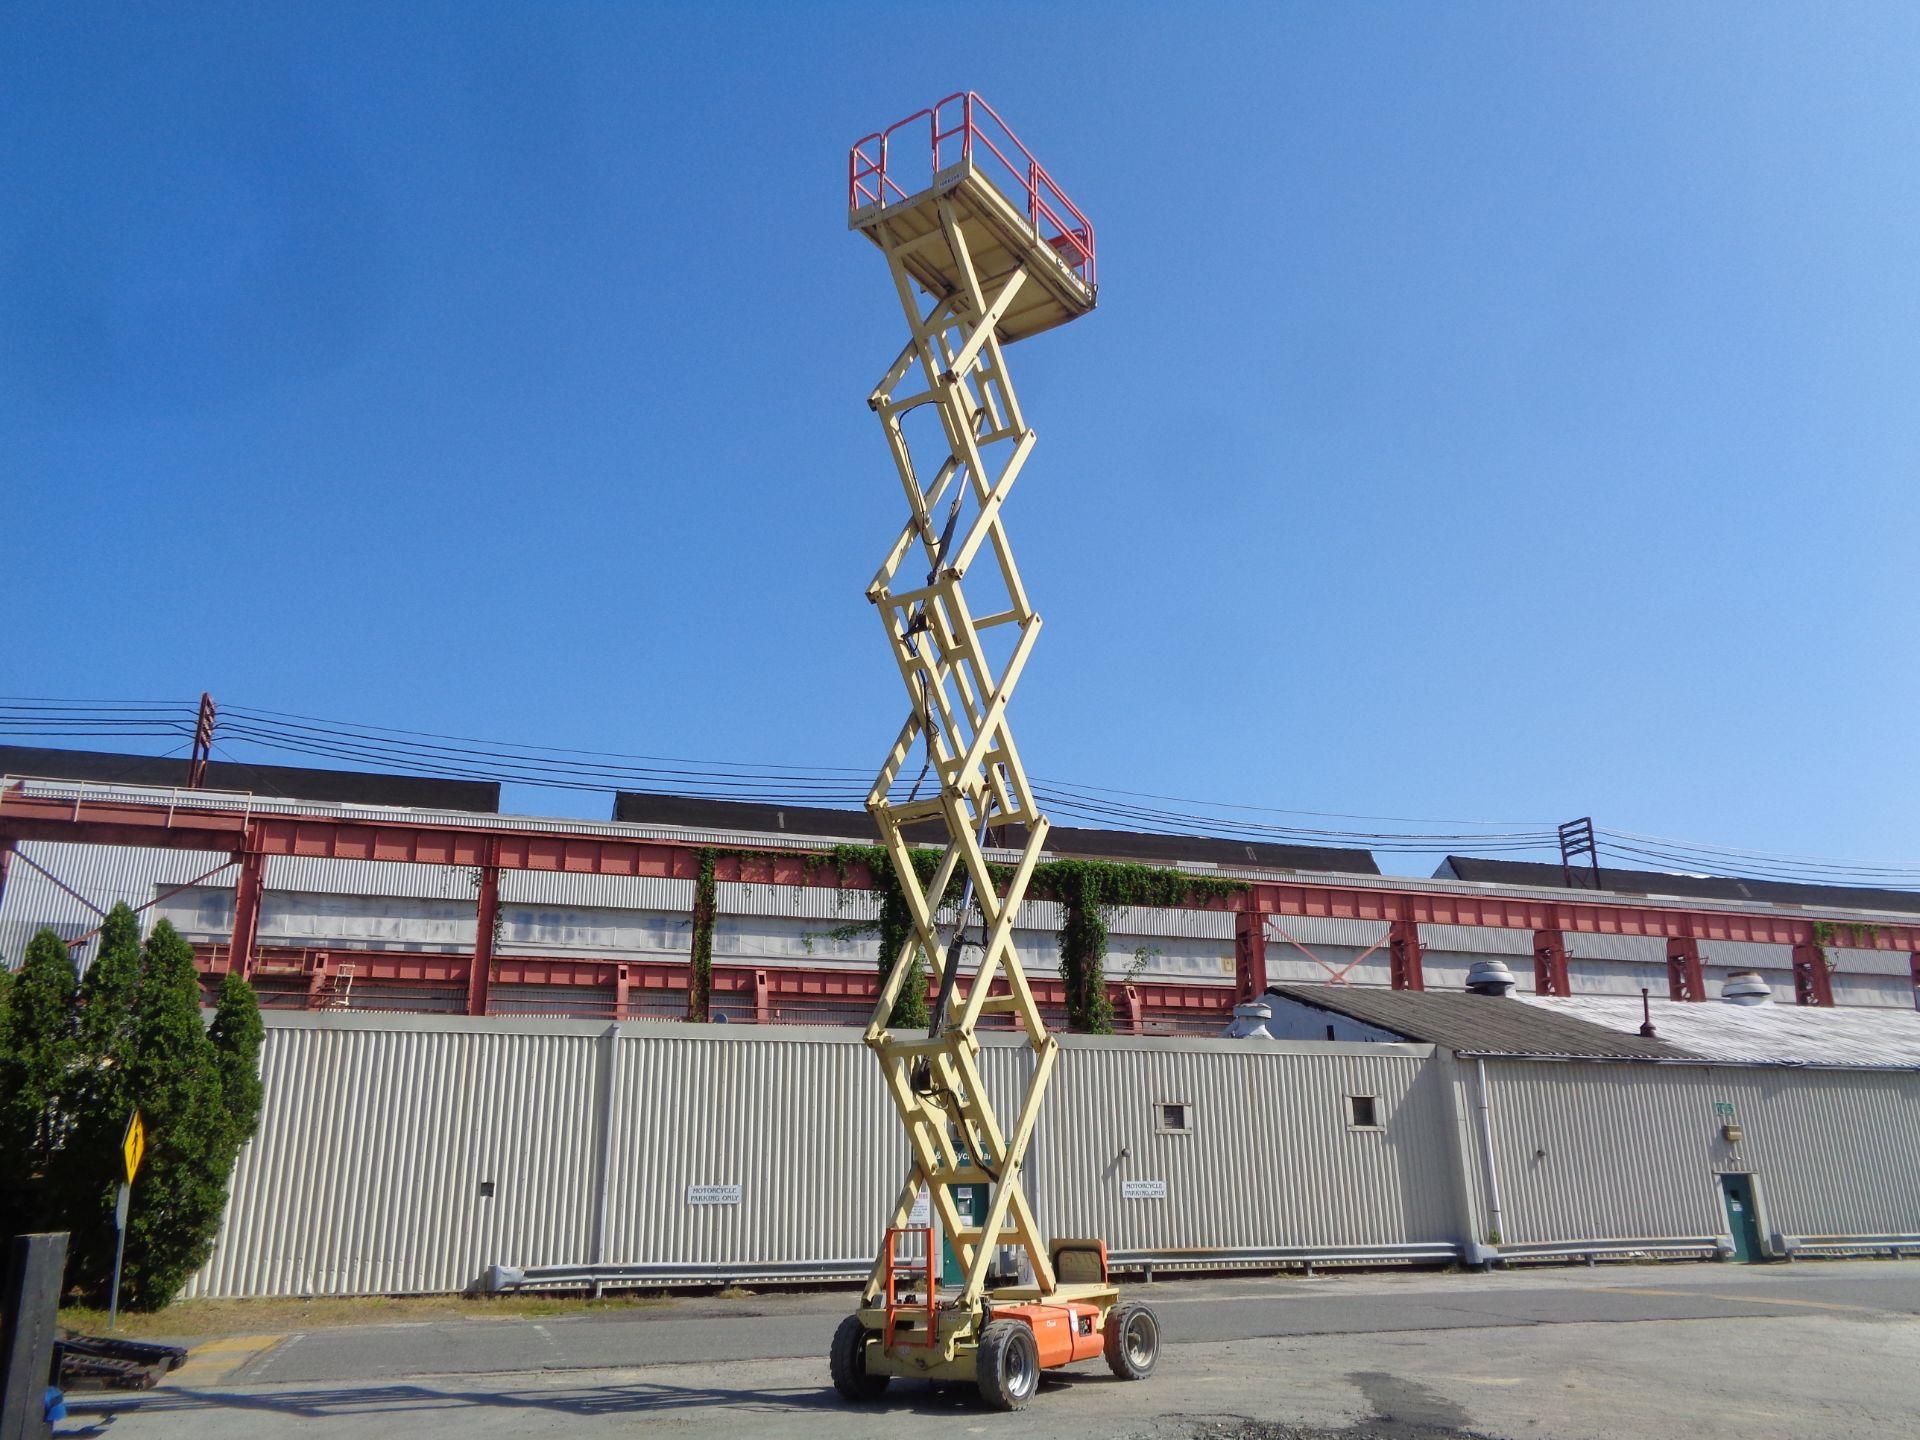 2012 JLG 4069LE 40 ft Electric Scissor Lift - Image 13 of 18